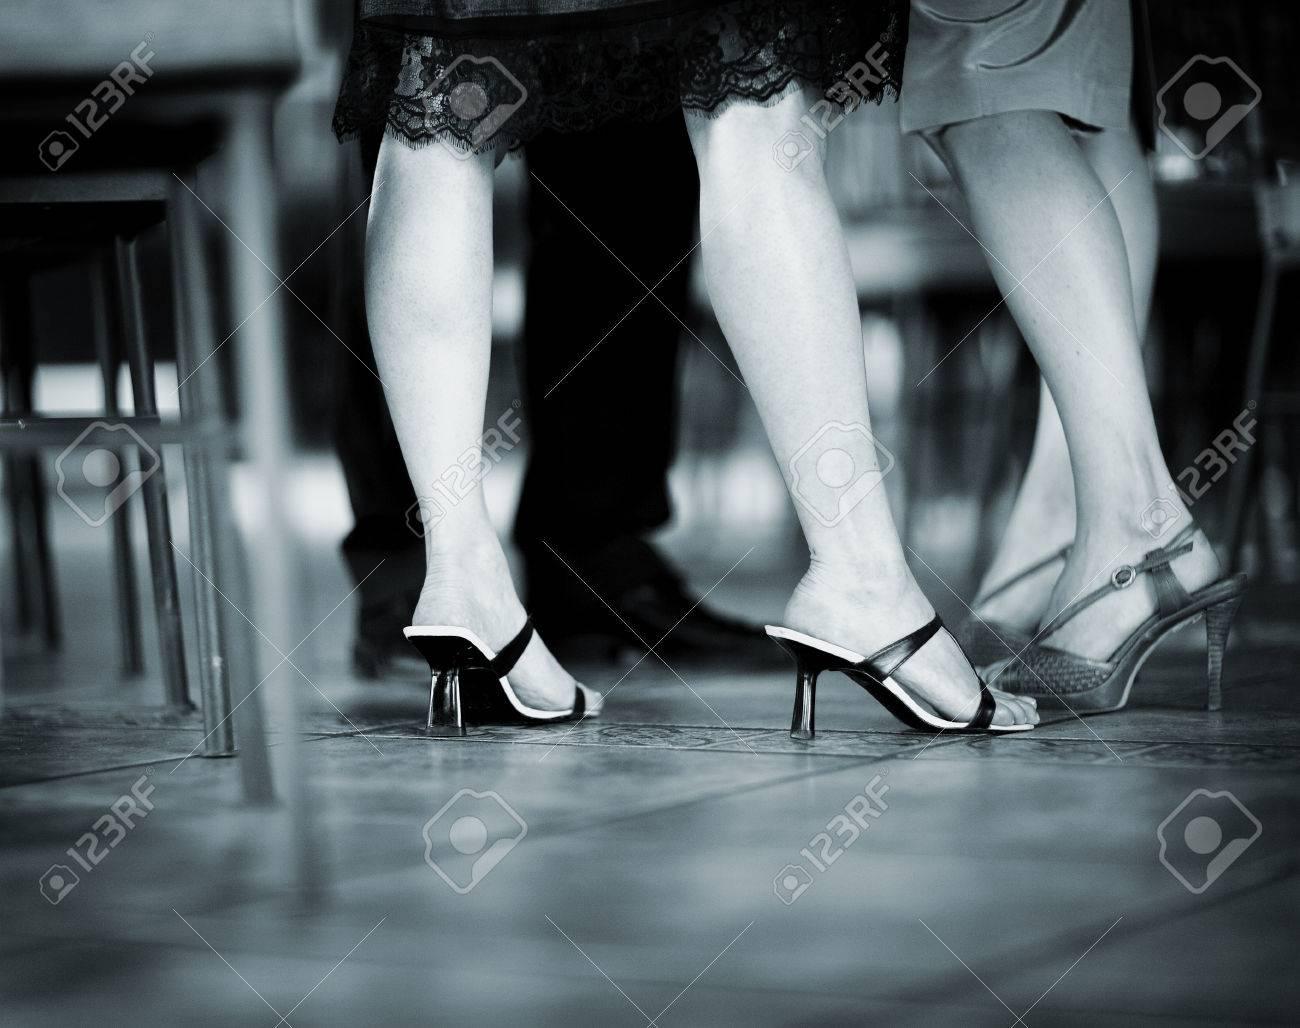 De Pieds Des Jeune Jambes Et Femmes Invité Dans Les Mariage Sqw7rS4tx